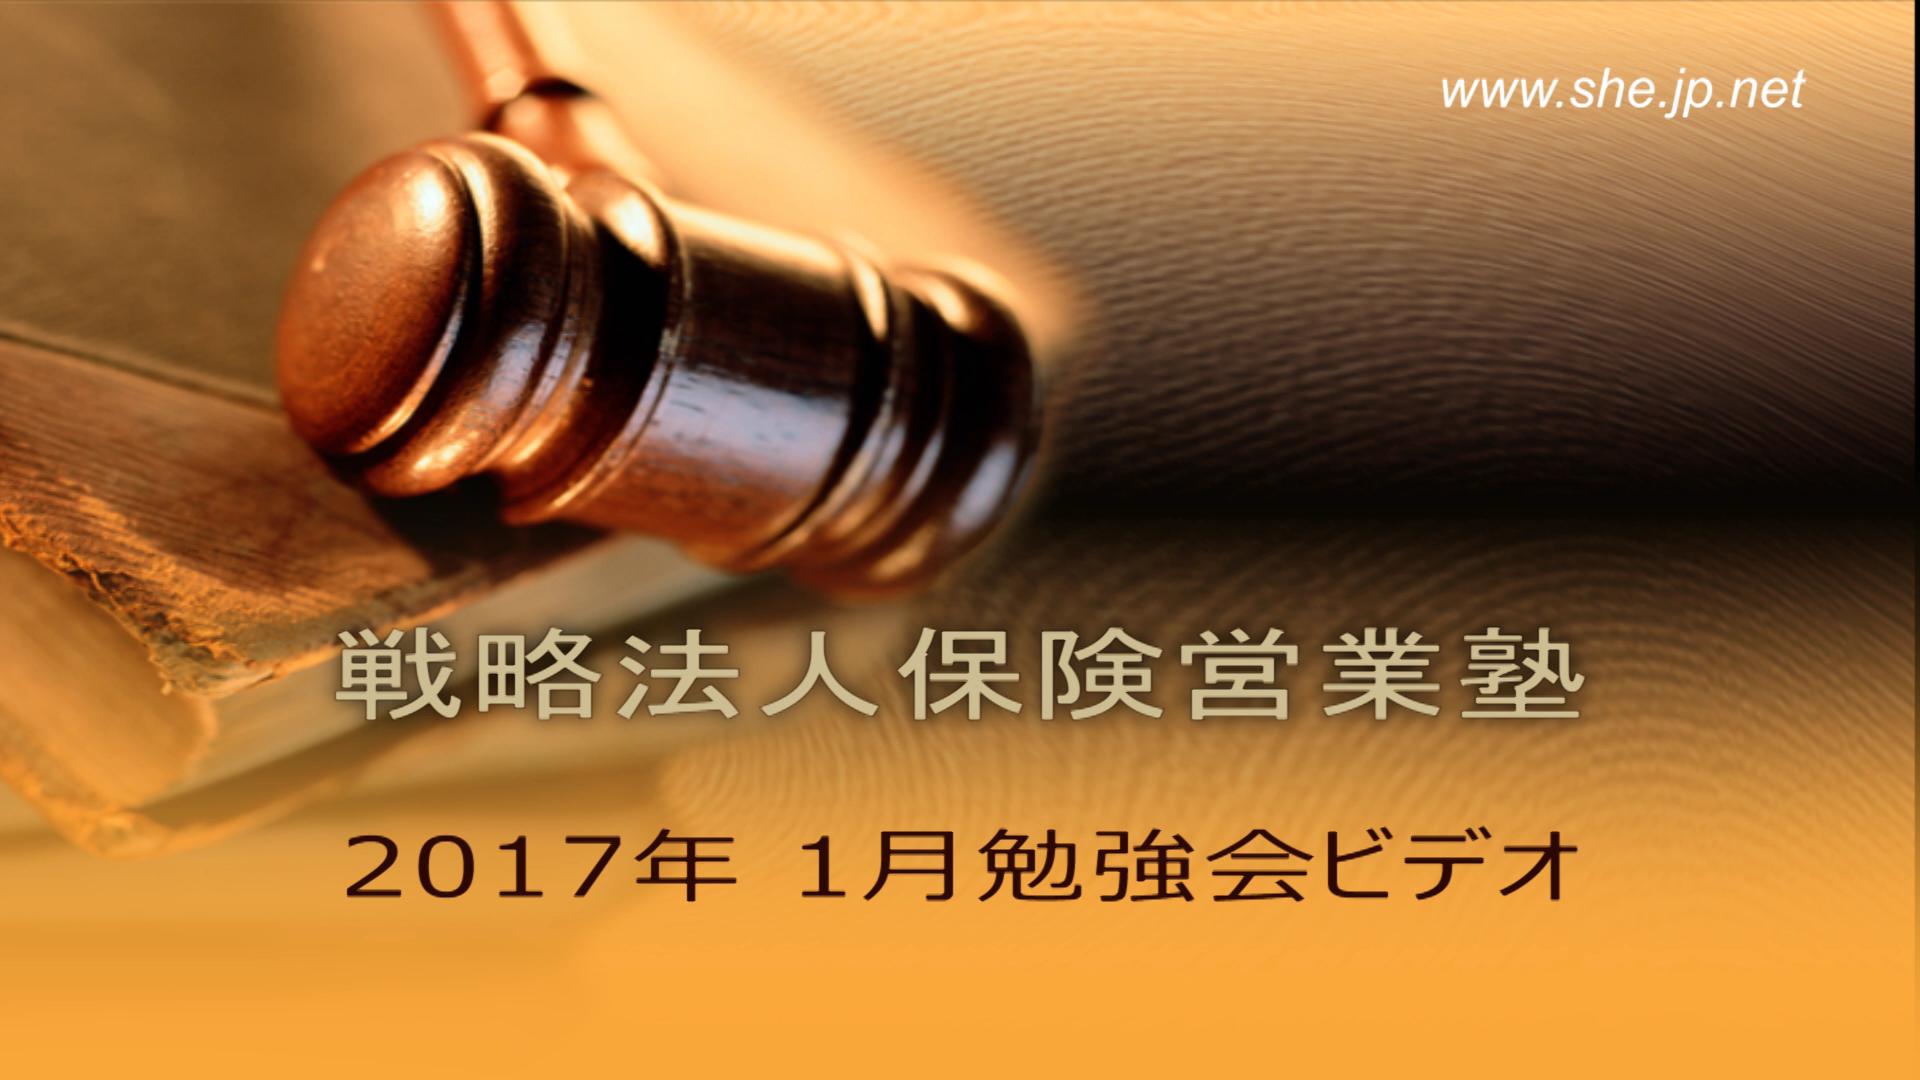 【受講者専用】 2017年1月度LiveSHE勉強会ビデオ(メンバー限定)